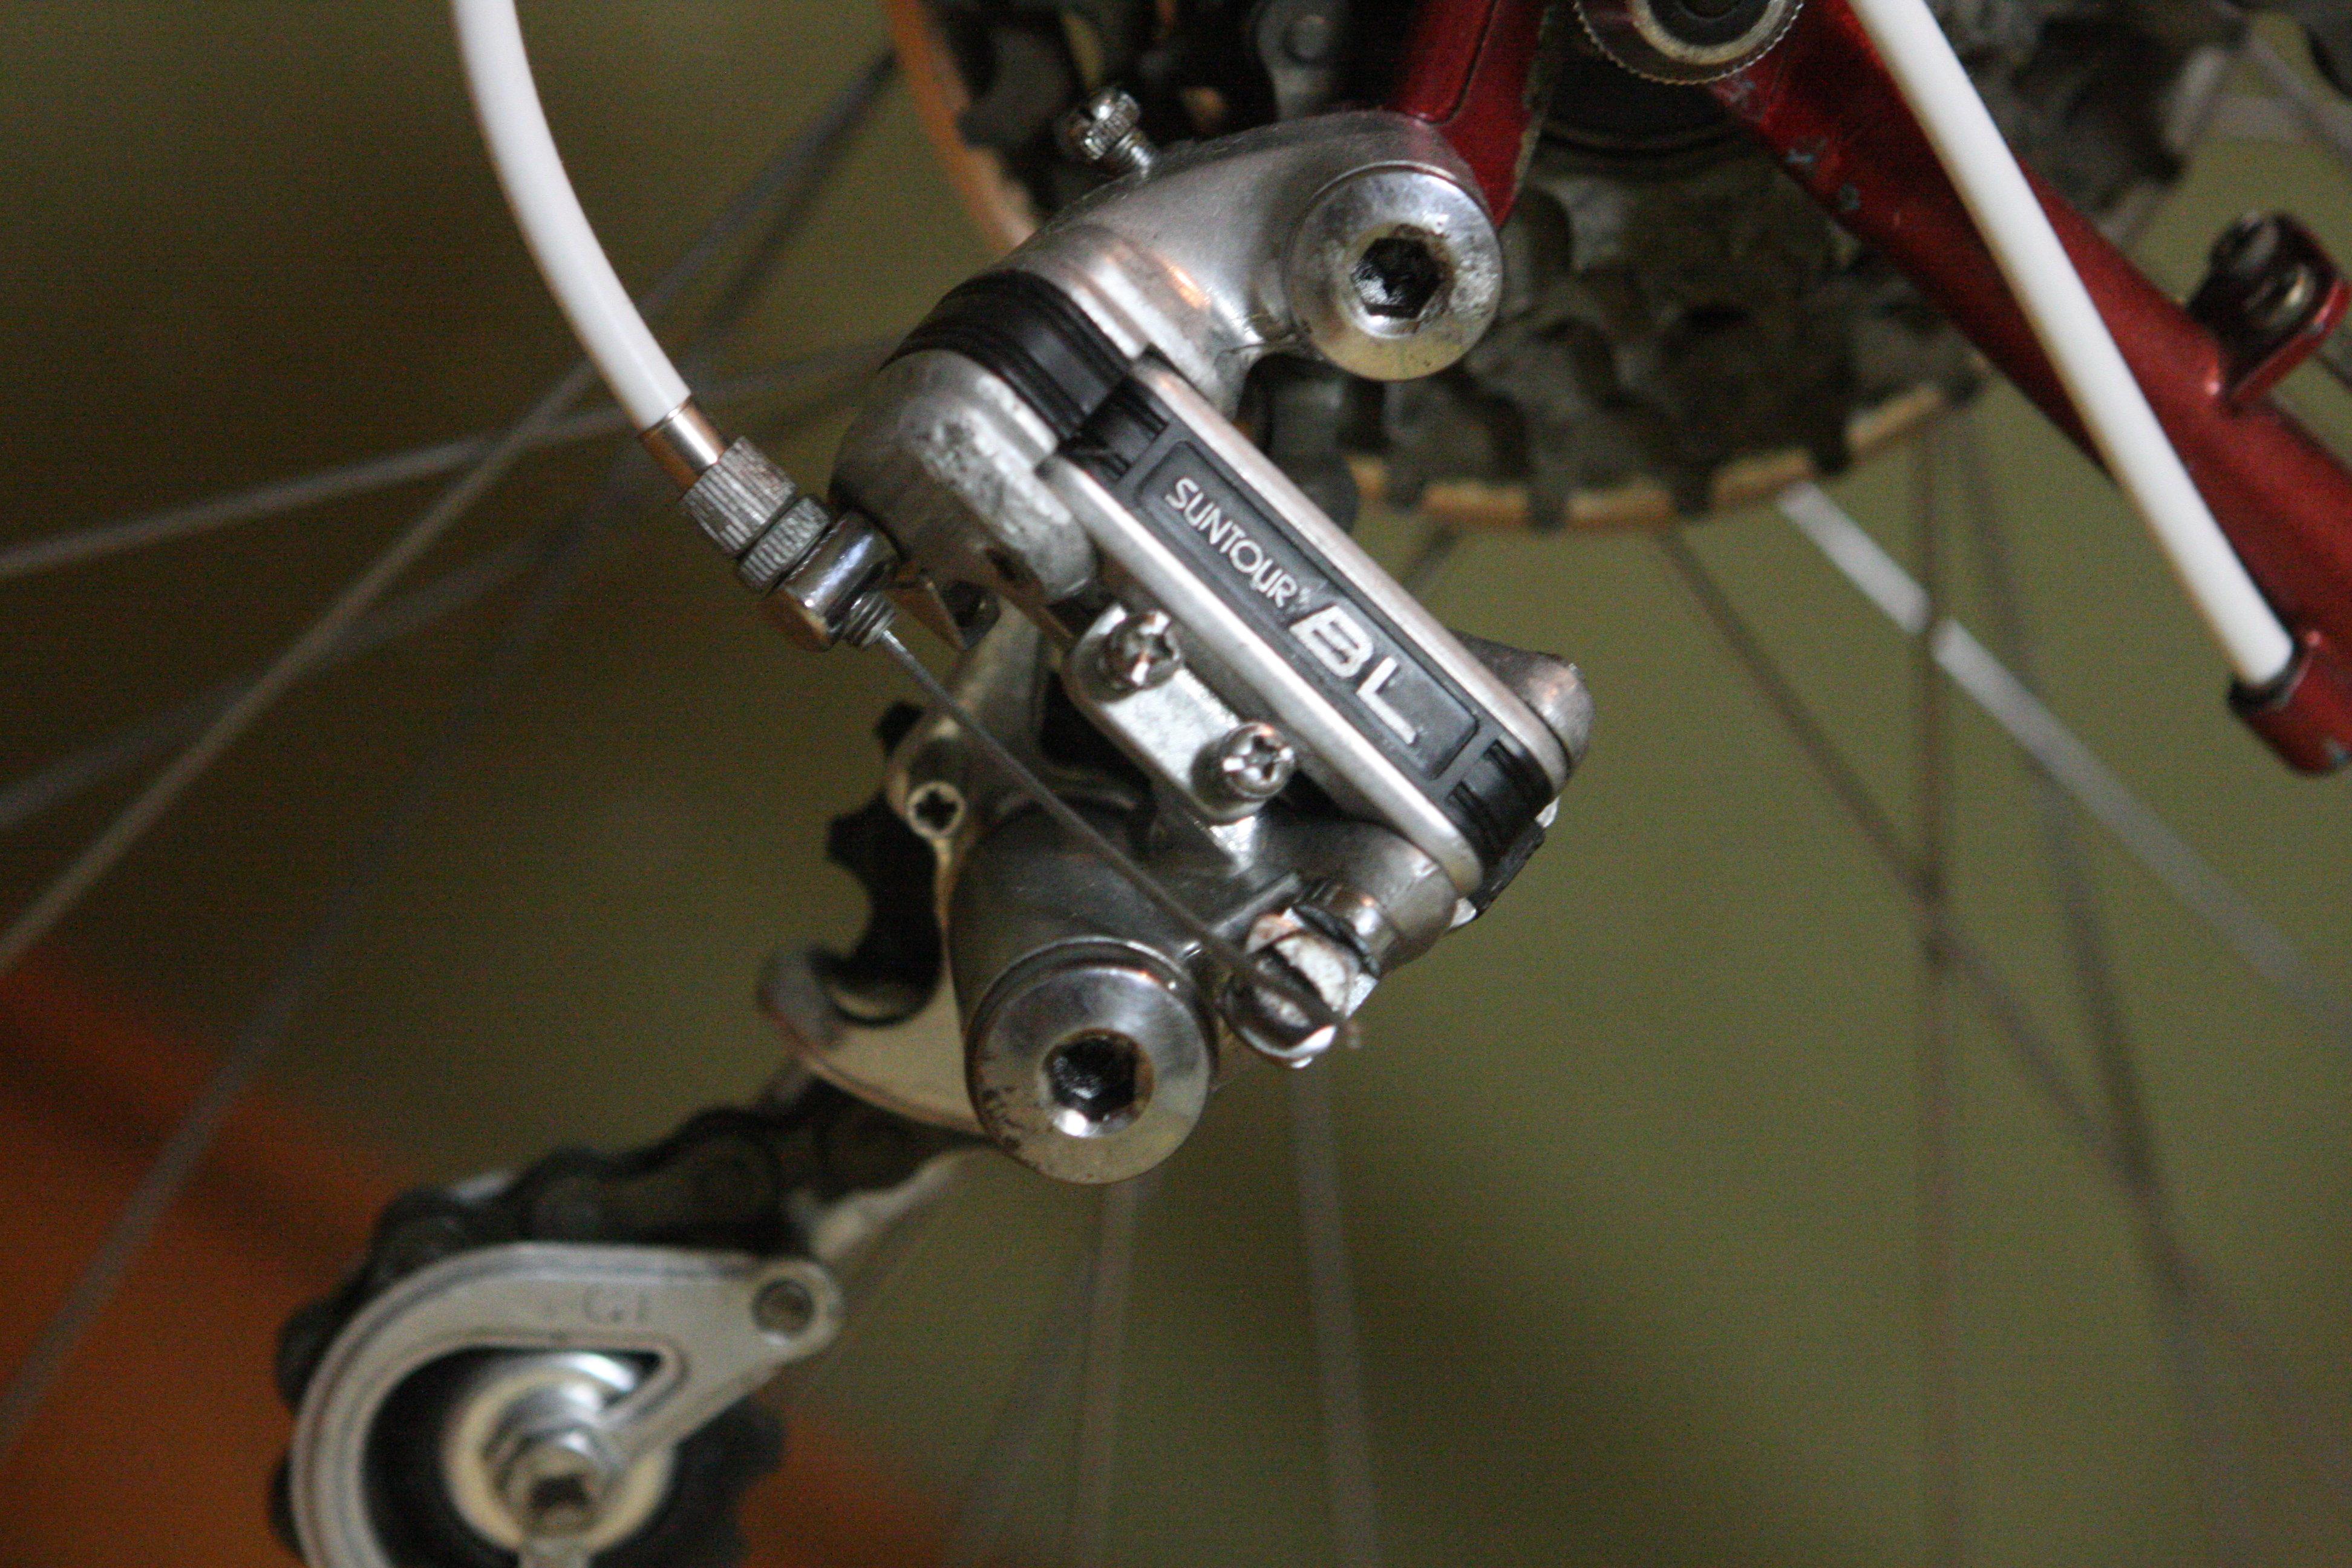 自転車の 自転車 錆止め チェーン : 久々に、走ってみるかな ...